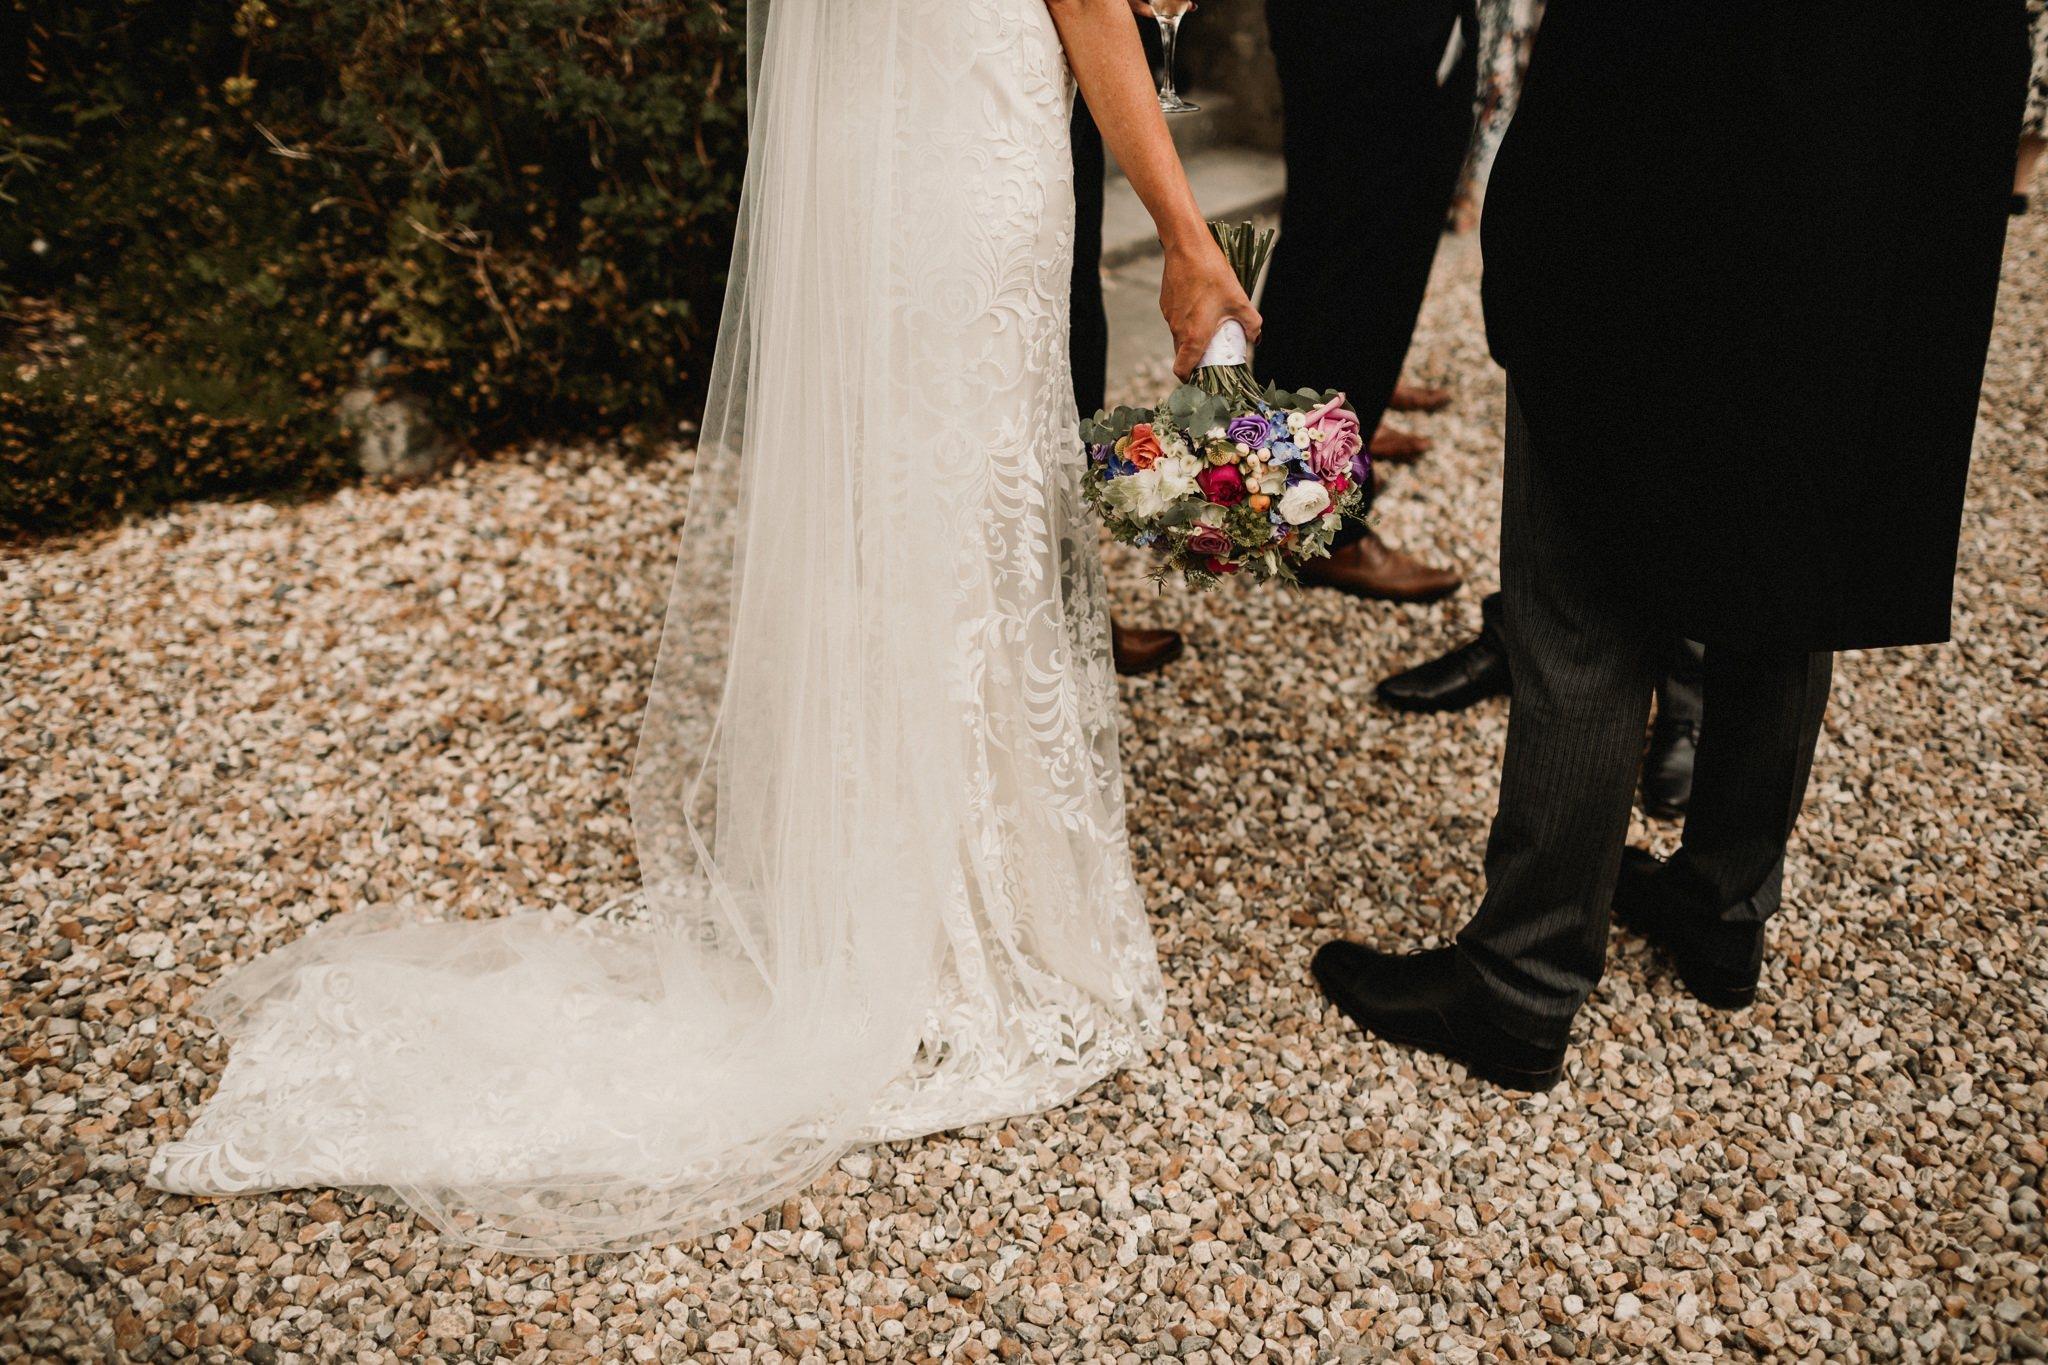 Tre-Ysgawen Wedding Photography-2930-Love Luella.jpg